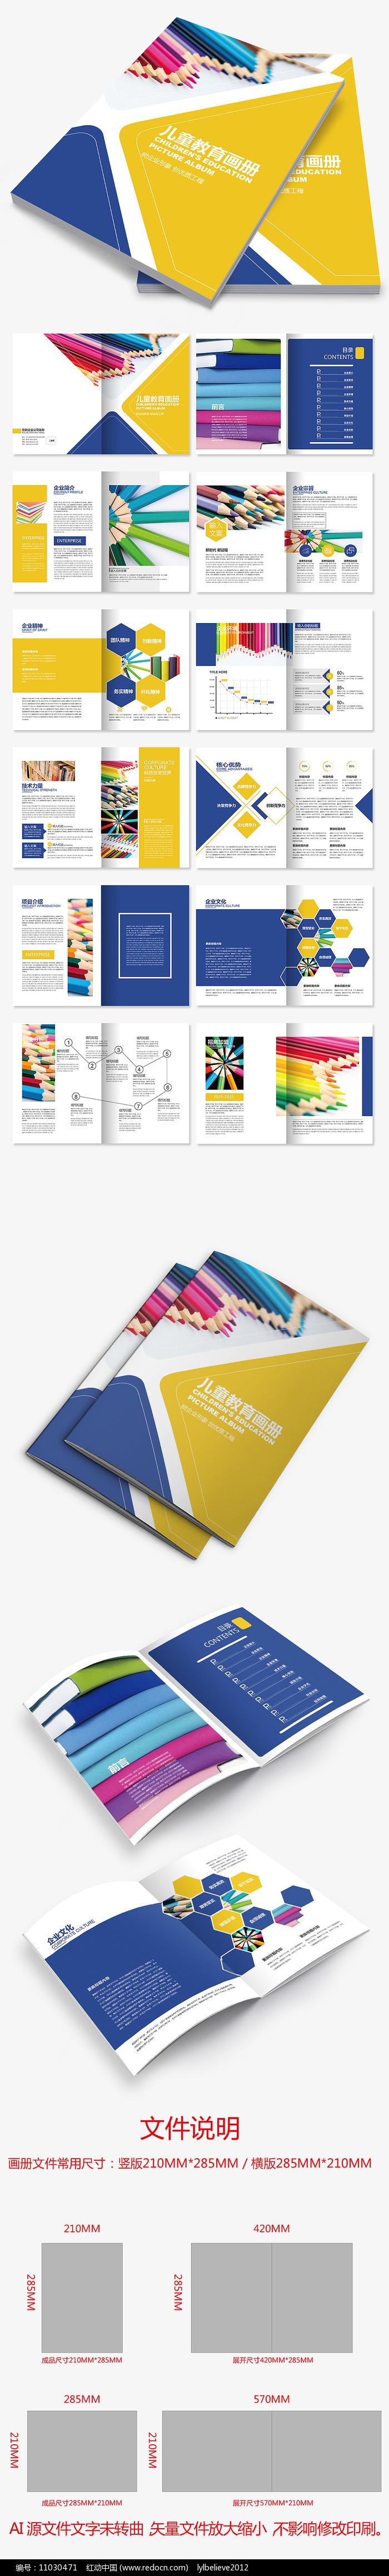 蓝橙色学校教育培训招生画册设计图片